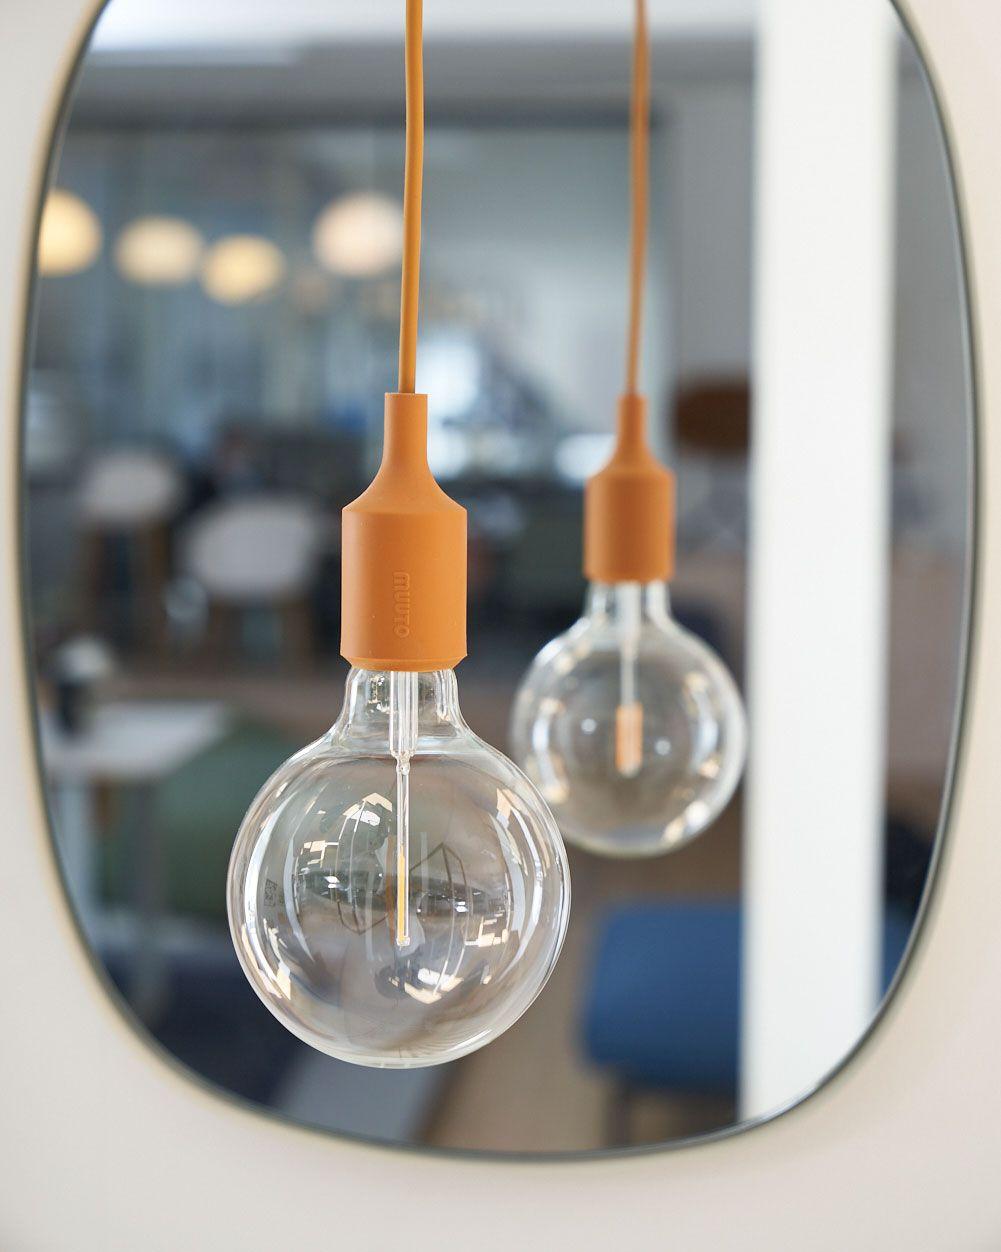 Scandinavian Lighting Home Accessories Interior Inspiration From Muuto Industrial Design Meets Scandinavian Simplicity Pendant Lamp Lamp Scandinavian Lighting